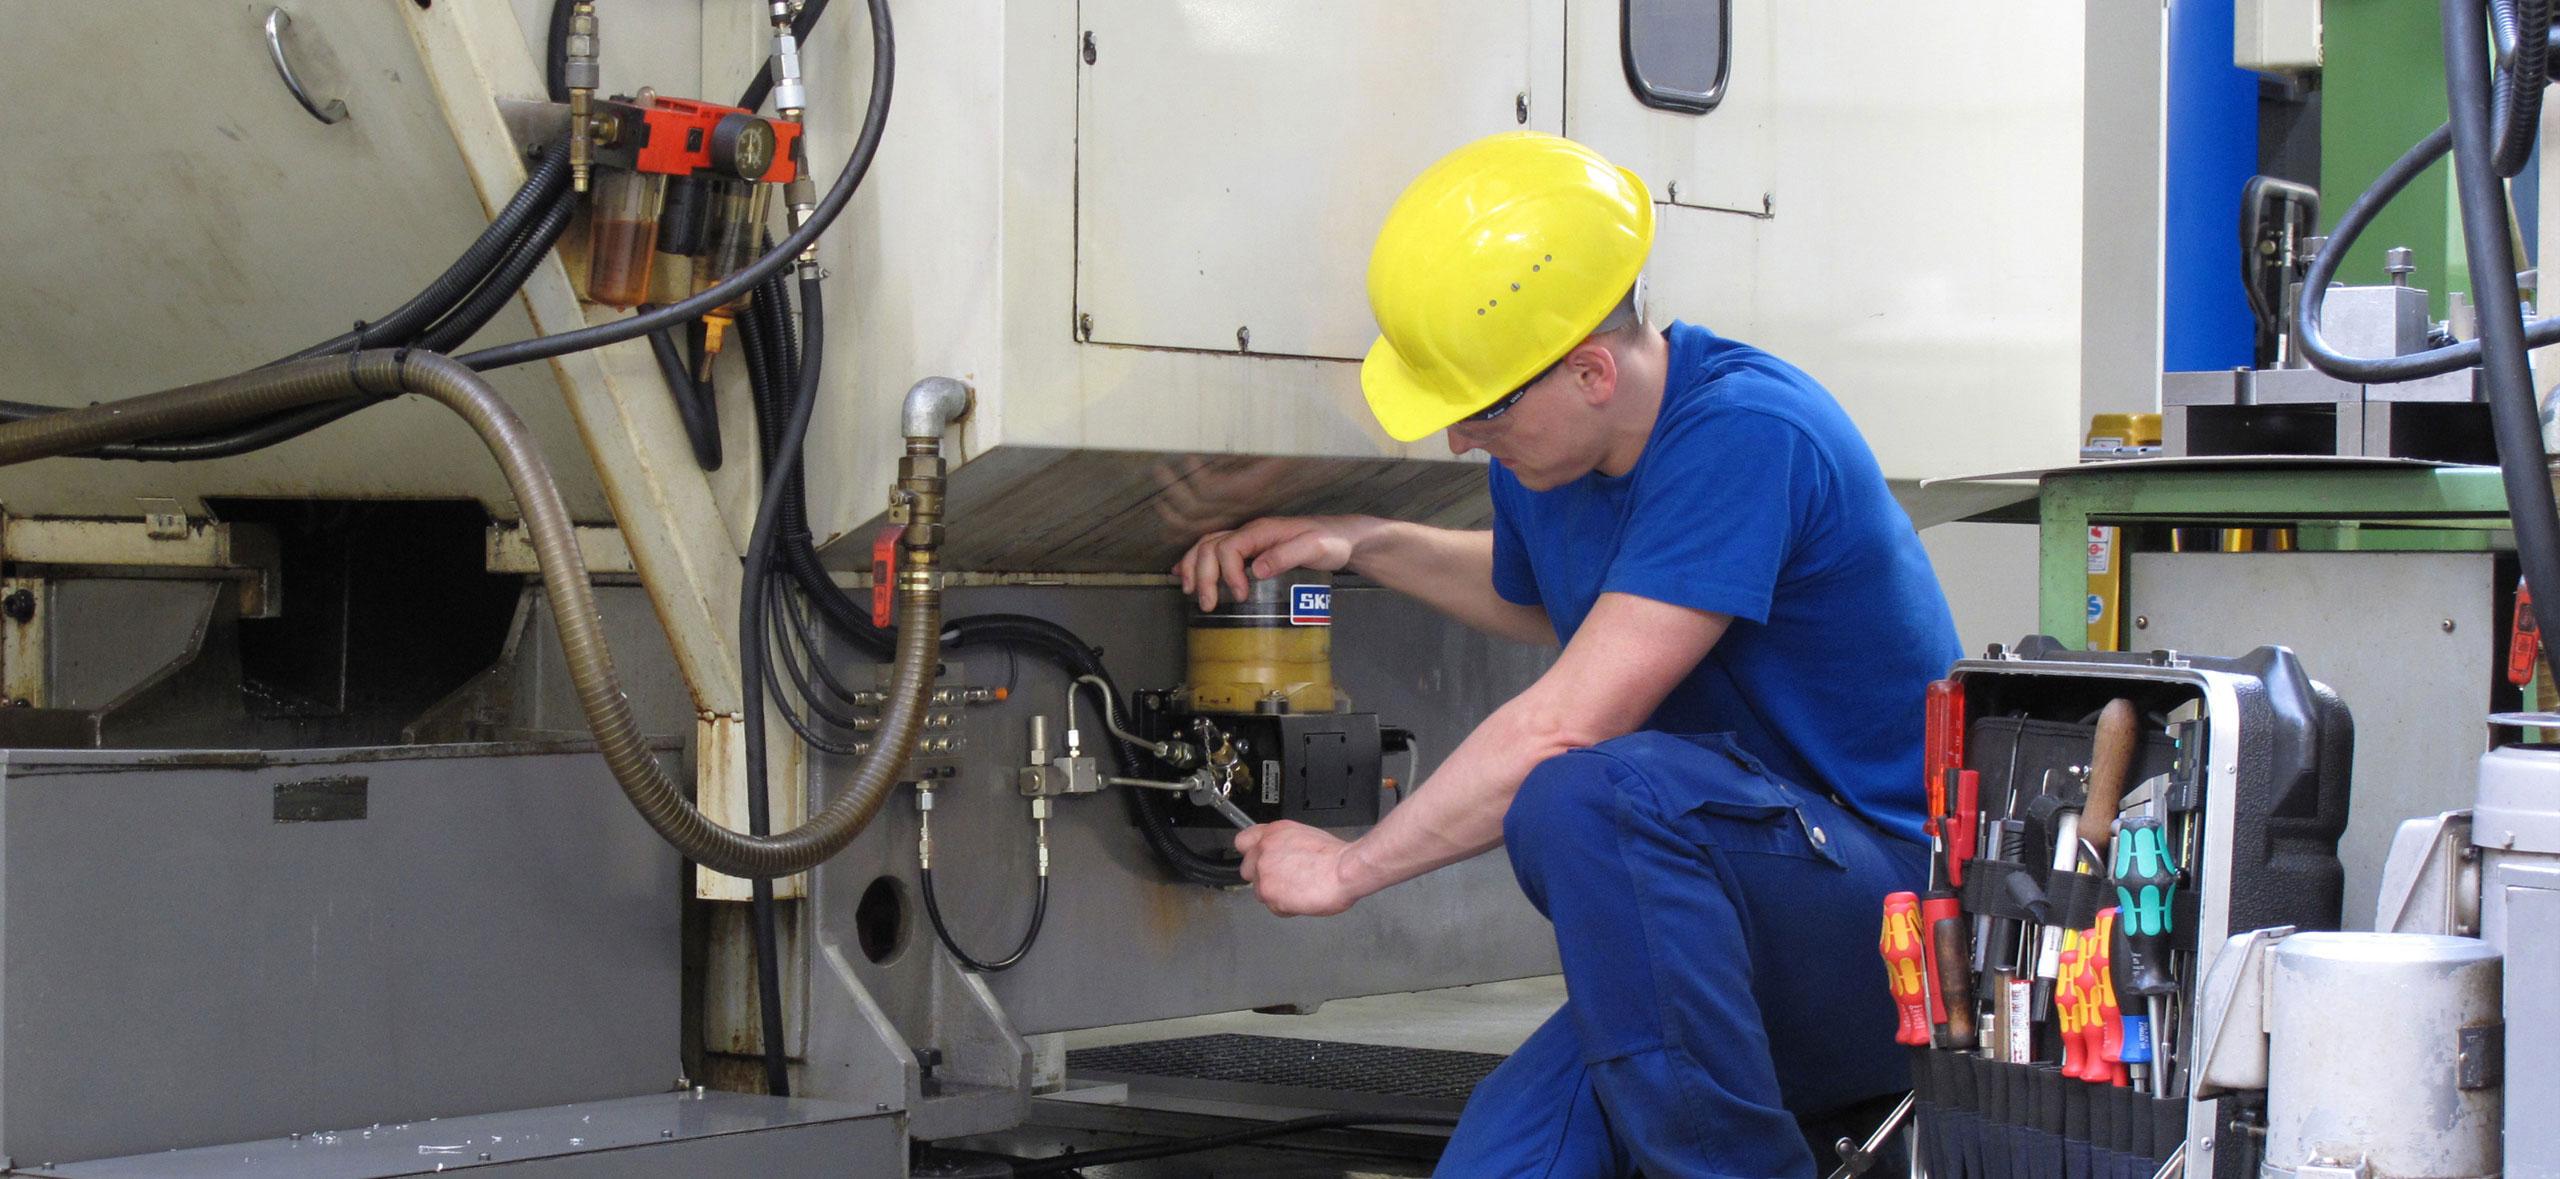 山东嘉瑞工业发展有限公司SKF斯凯孚轴承润滑油脂